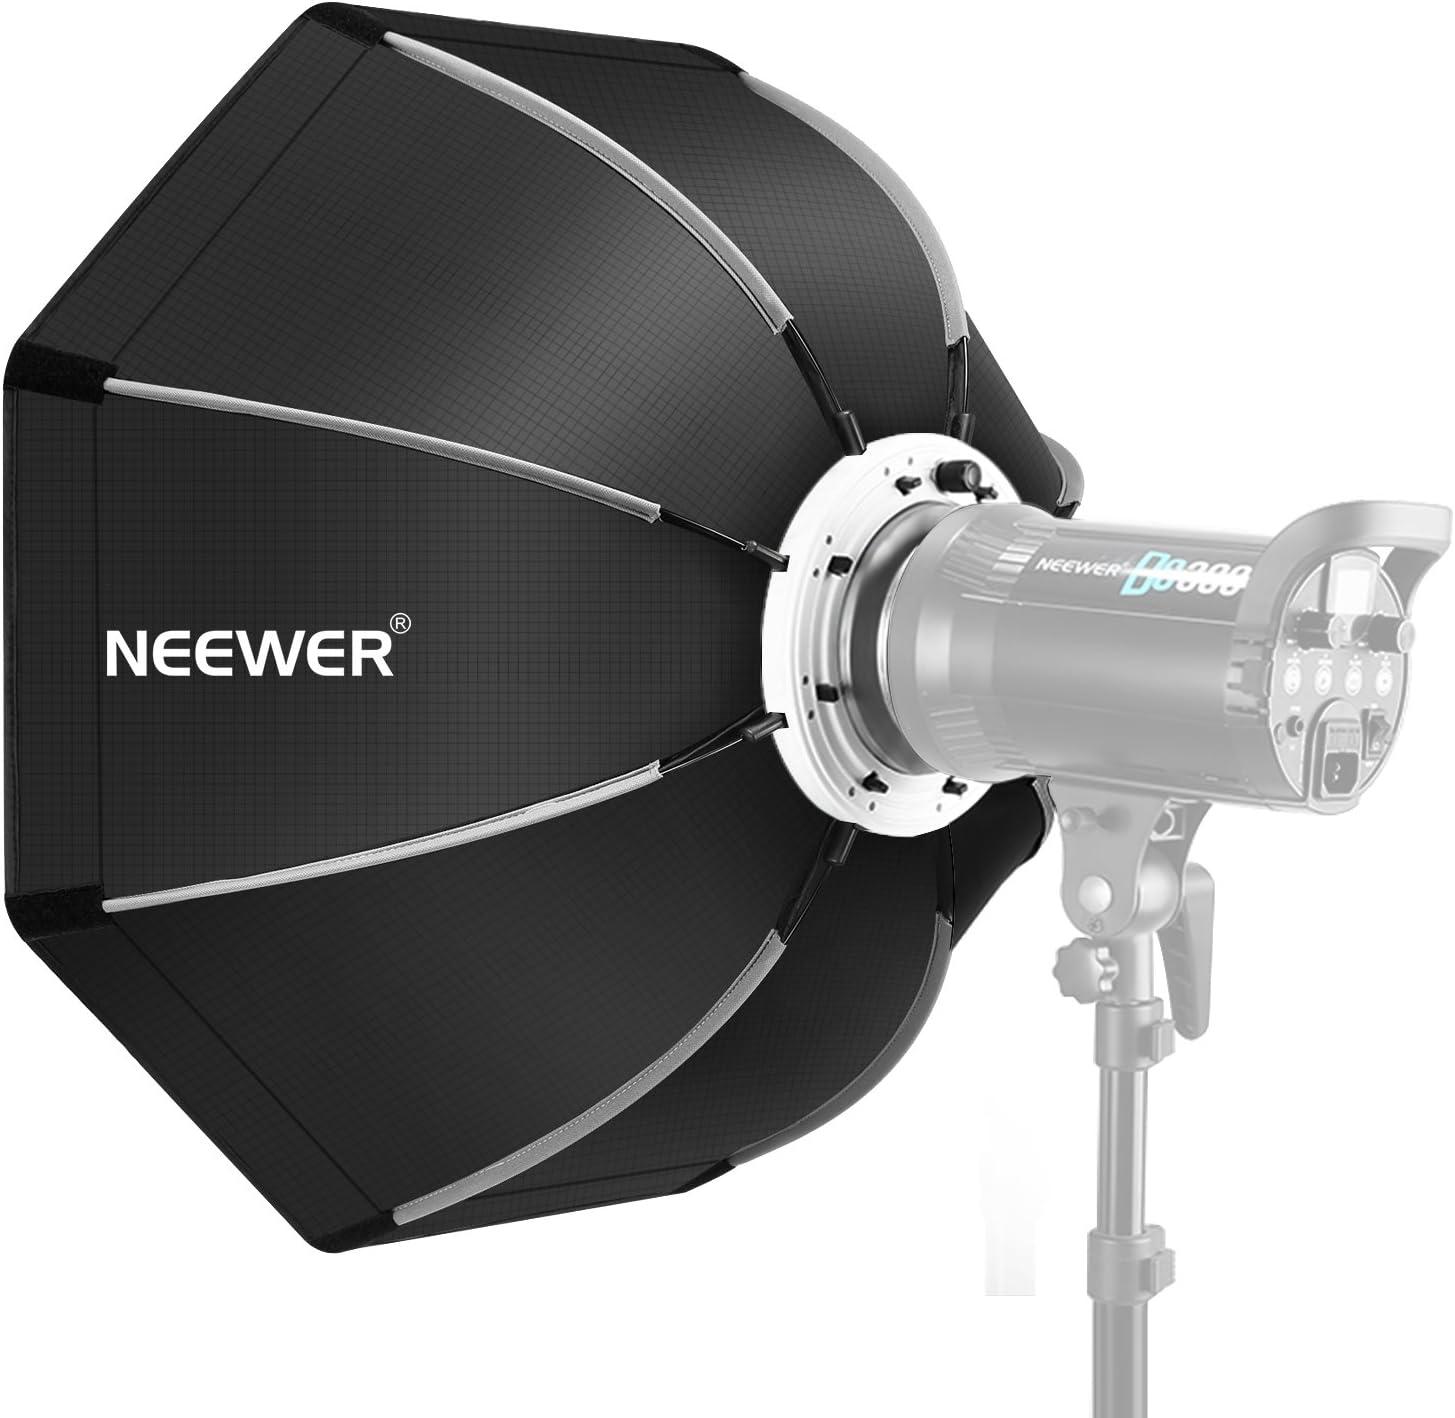 Neewer 65 Centímetros Softbox Octogonal Plegable con Bowens Montura Speedring, Maleta de Transporte para Speedlite Estudio Flash Monoluz, Retrato y Fotografía de Producto